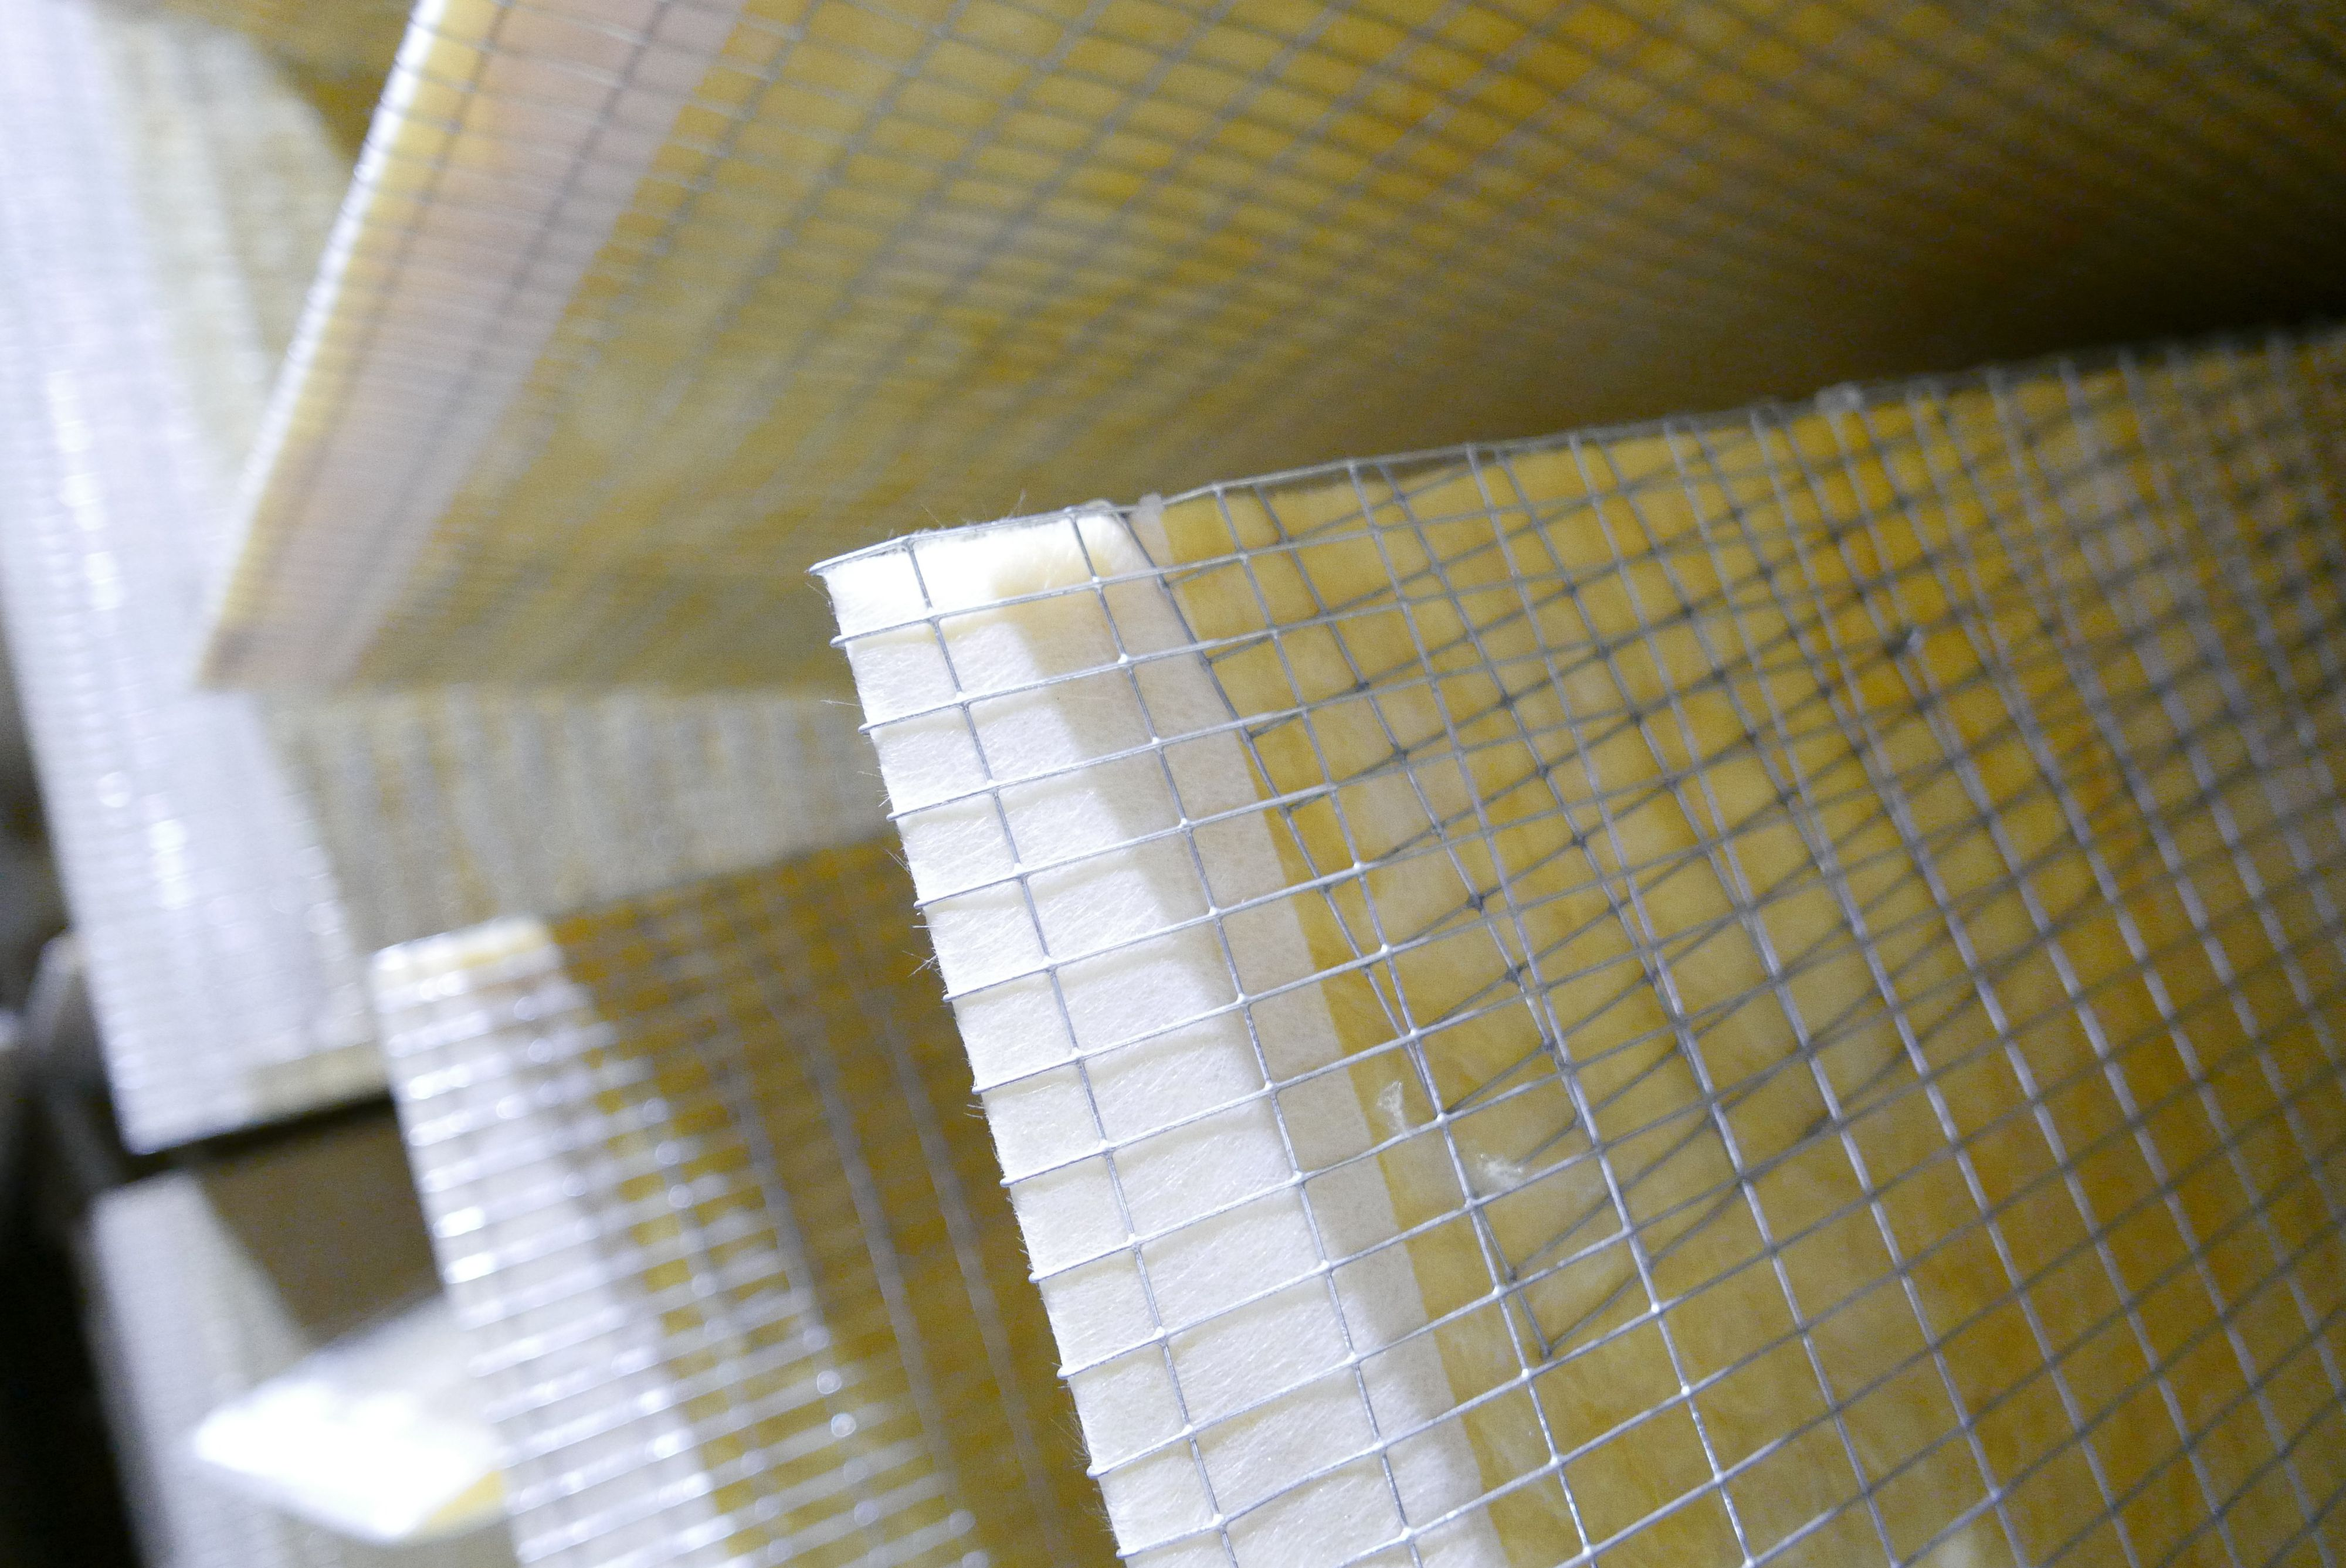 Støyelementene er spisse i den ene enden, og er forseglet med noe som kan minne om en glassfiberstrie. Foto: Ole Henrik Johansen / Tek.no